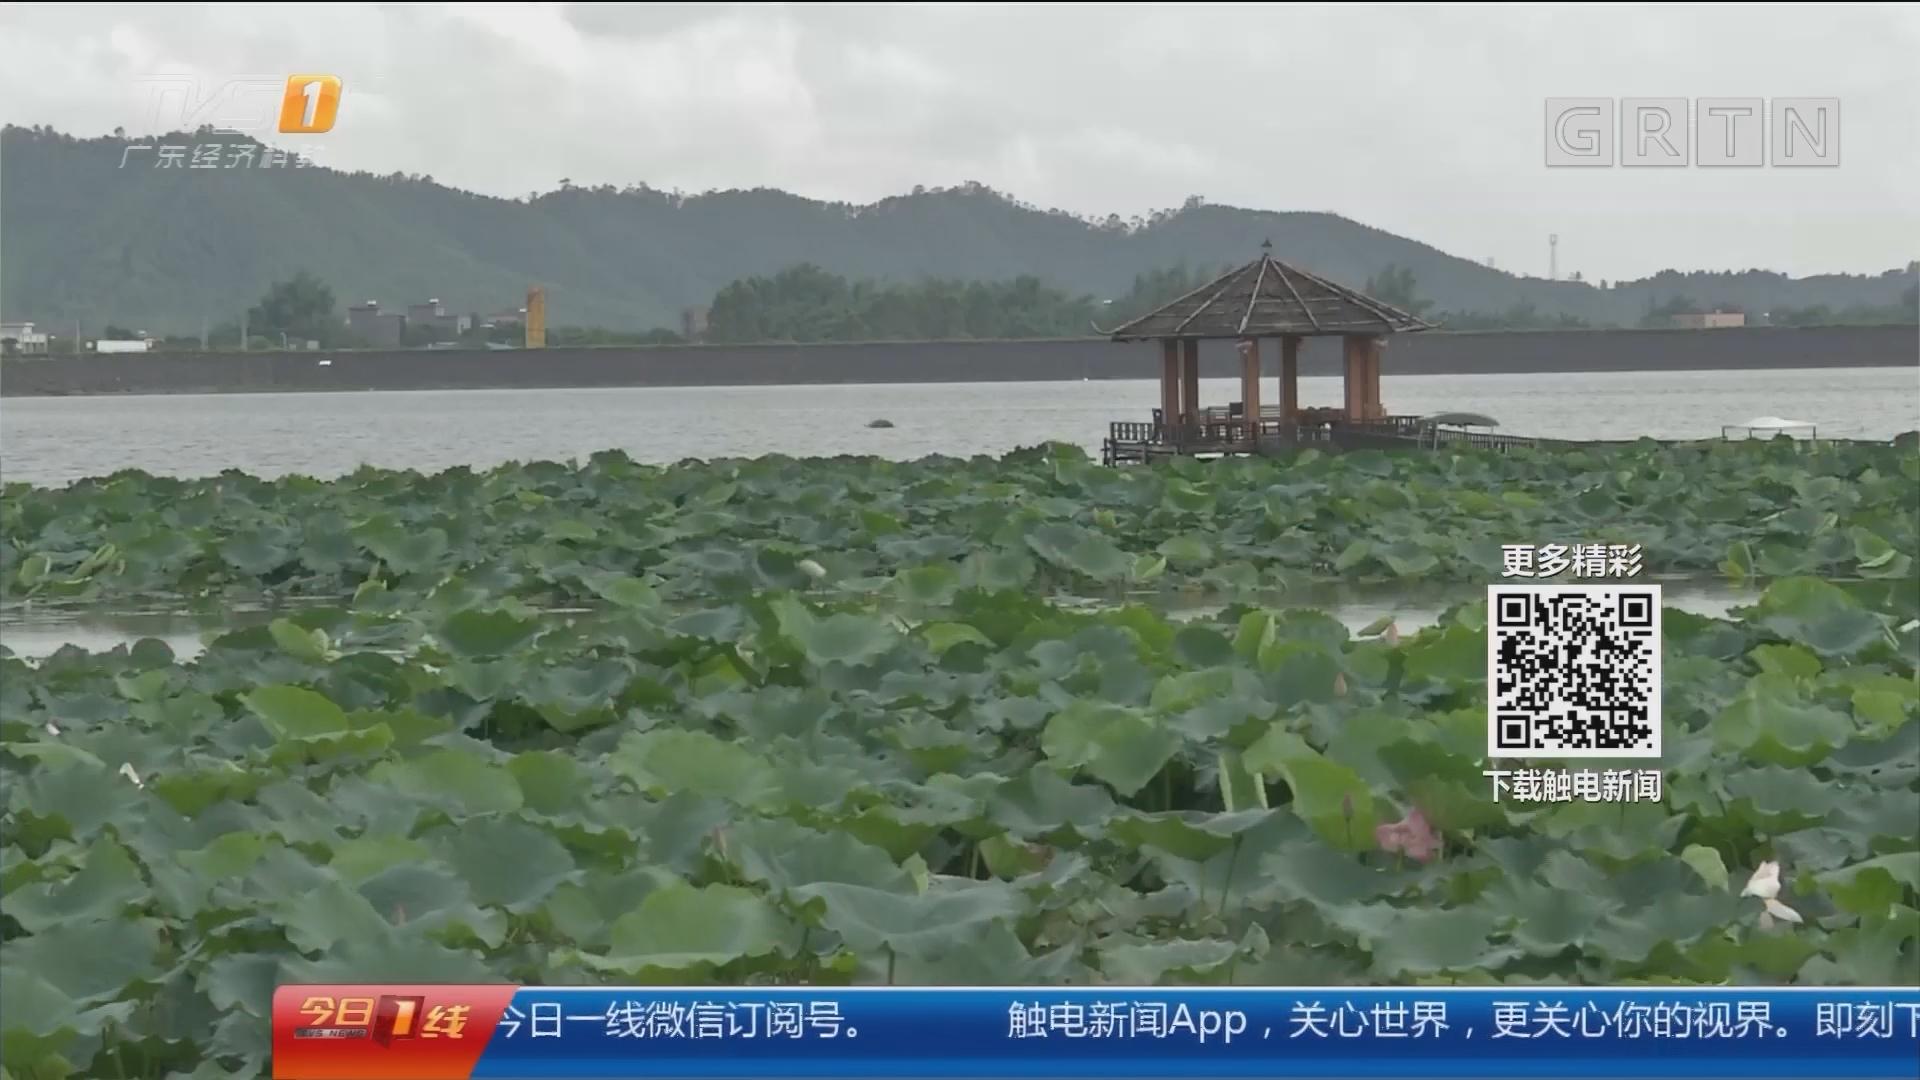 2018阳春荷花节:第二届阳春荷花节 七月七盛夏开幕